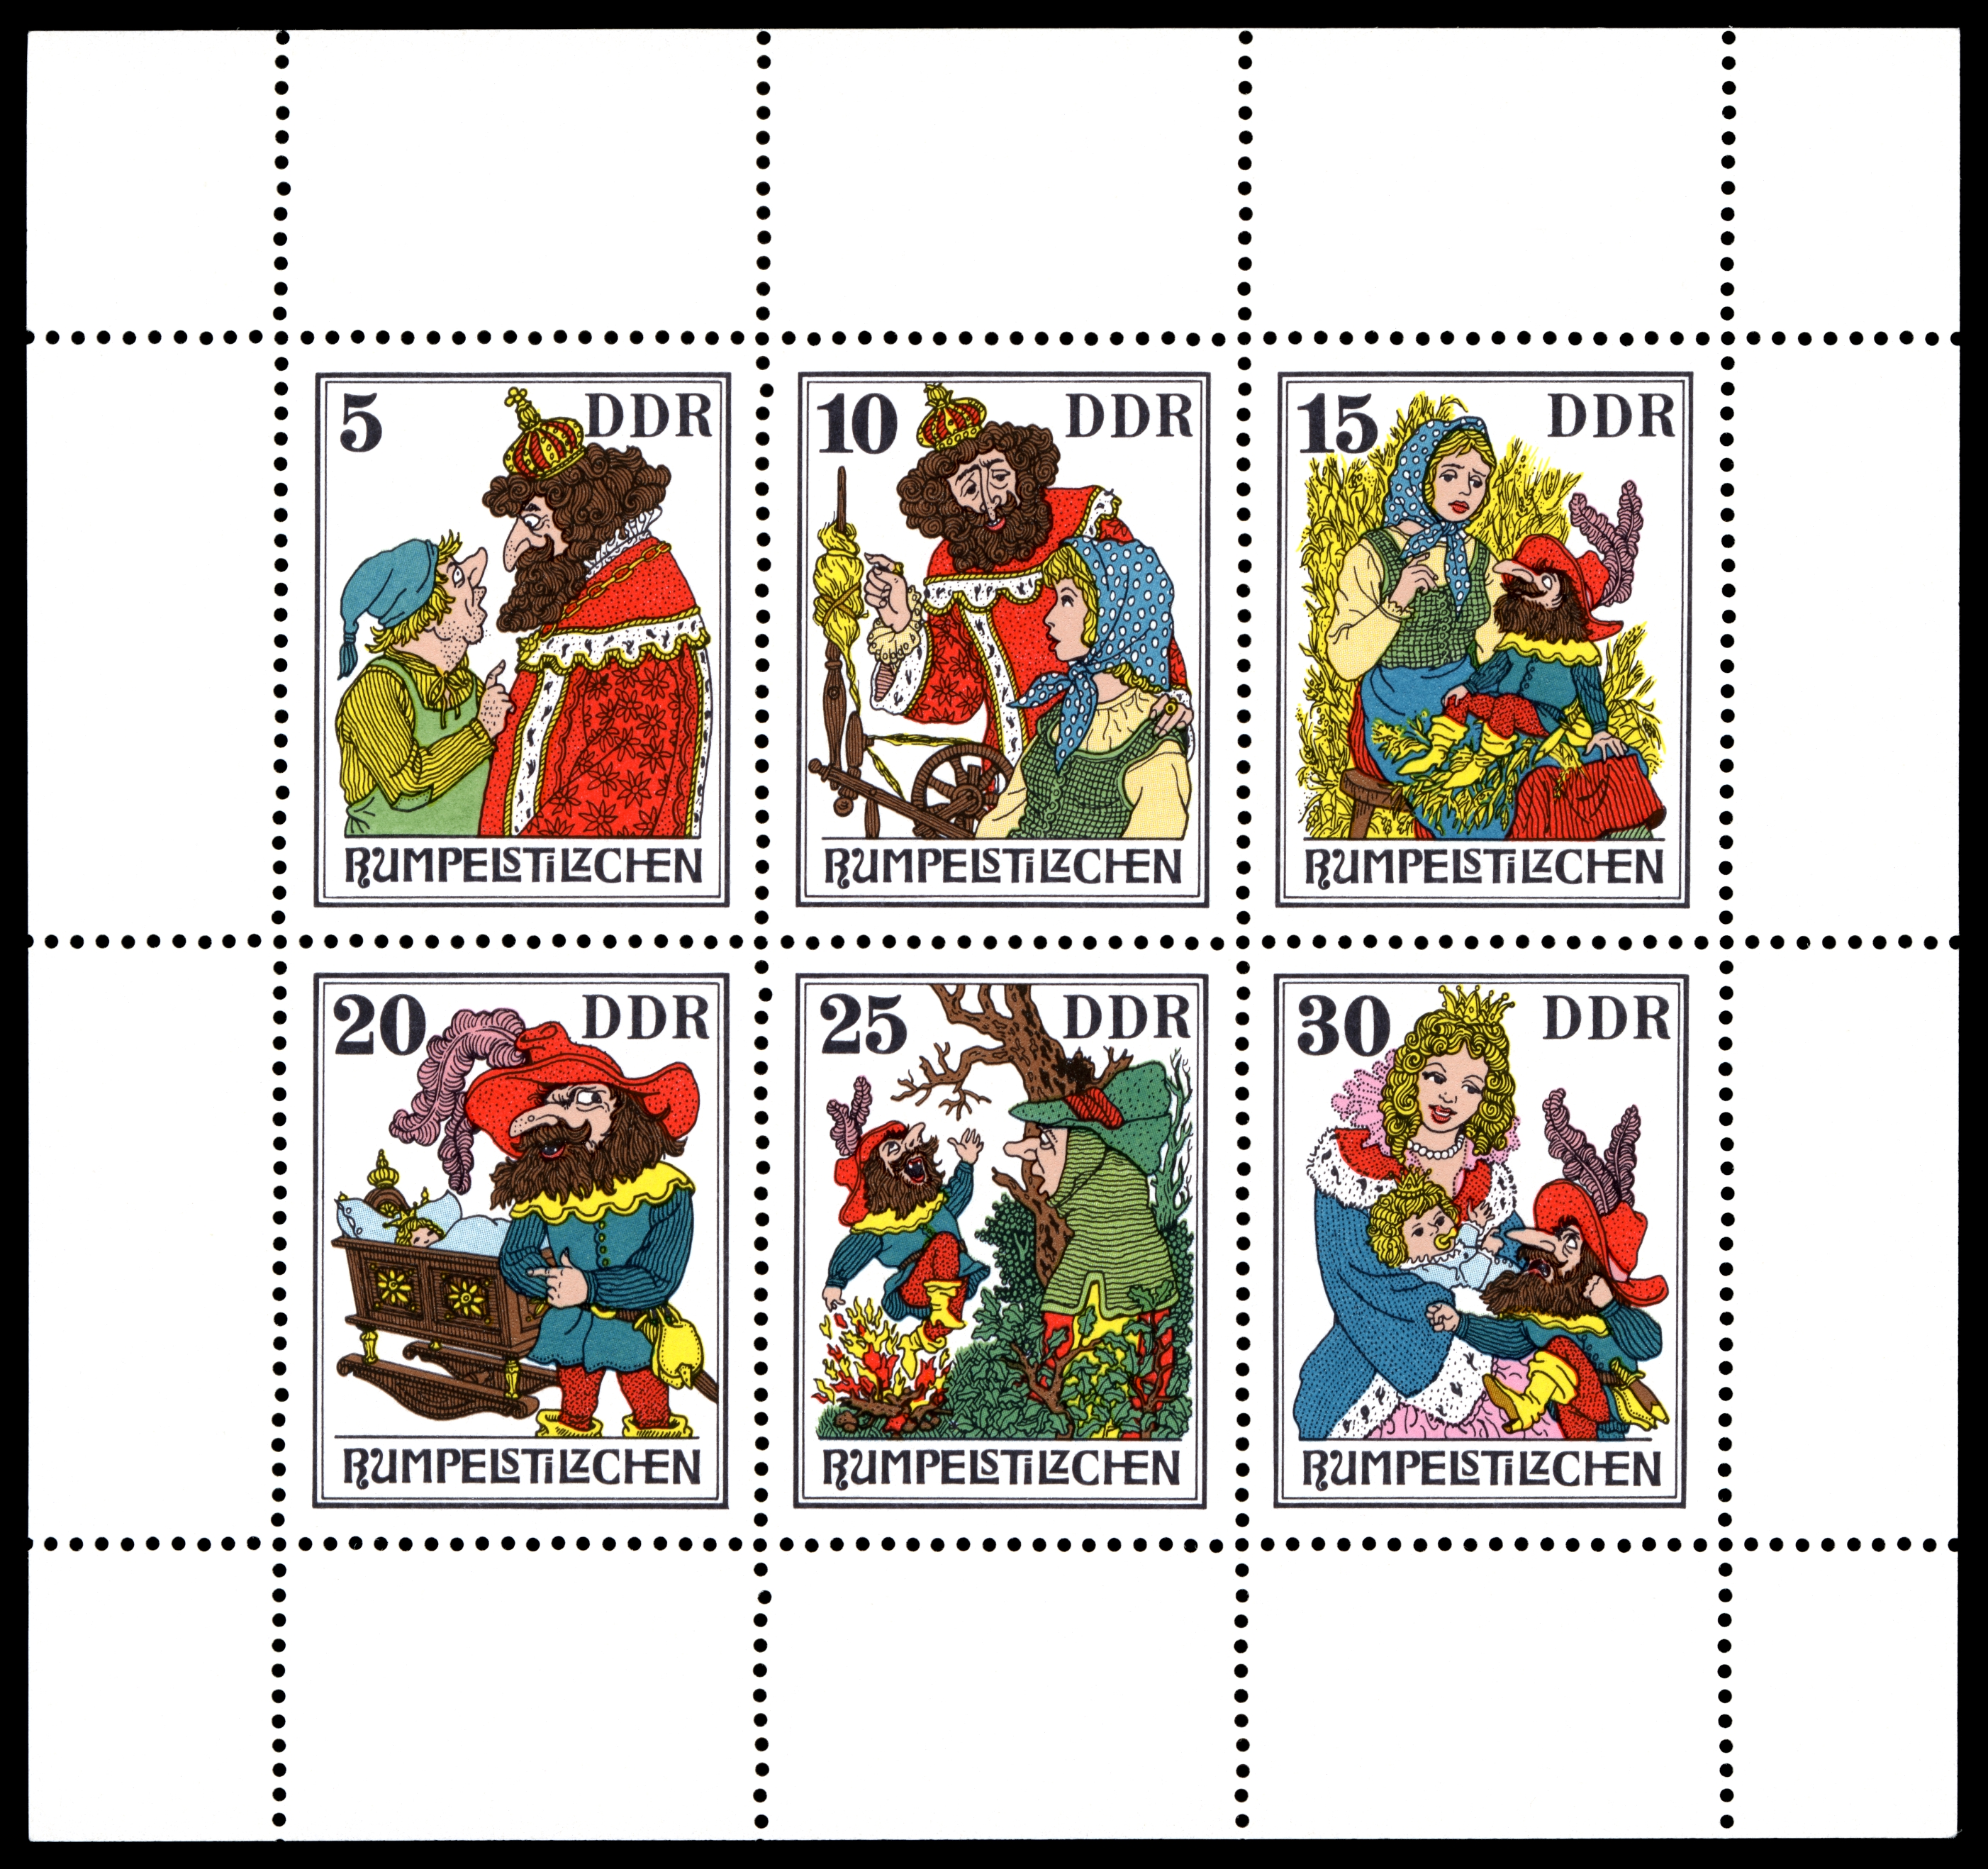 DDR 童话故事系列邮票(二) - 谷雨 - 一壶清茶 三五知己